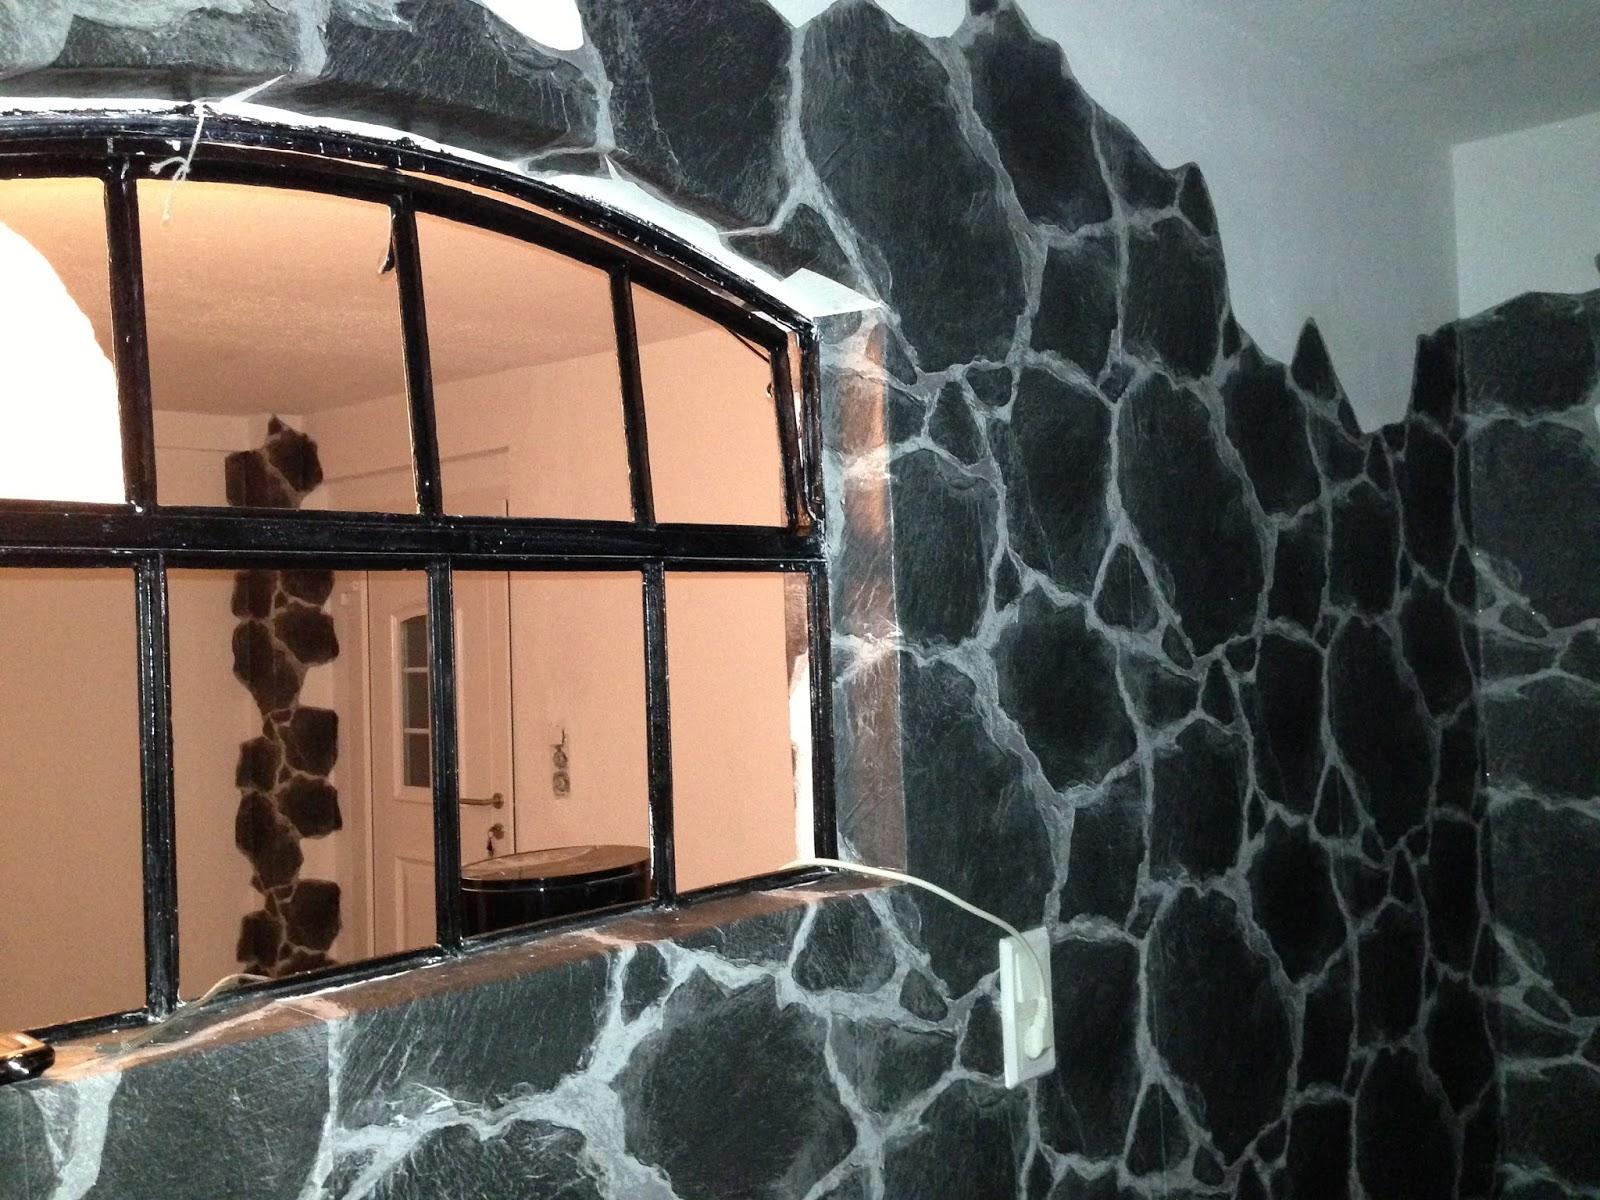 quibbis abenteurer september 2013. Black Bedroom Furniture Sets. Home Design Ideas